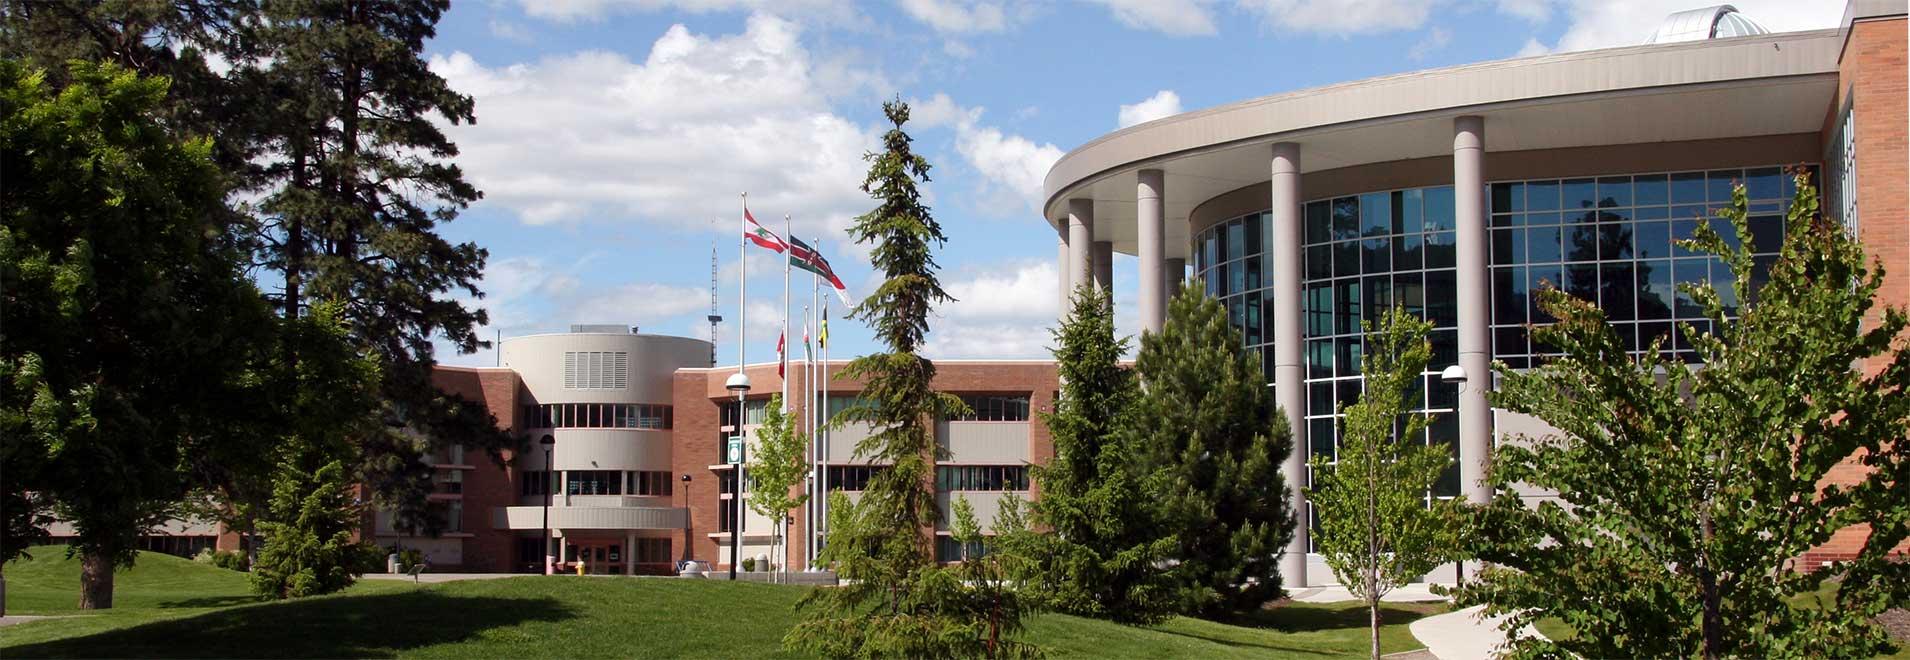 Campus de la Thompson River University